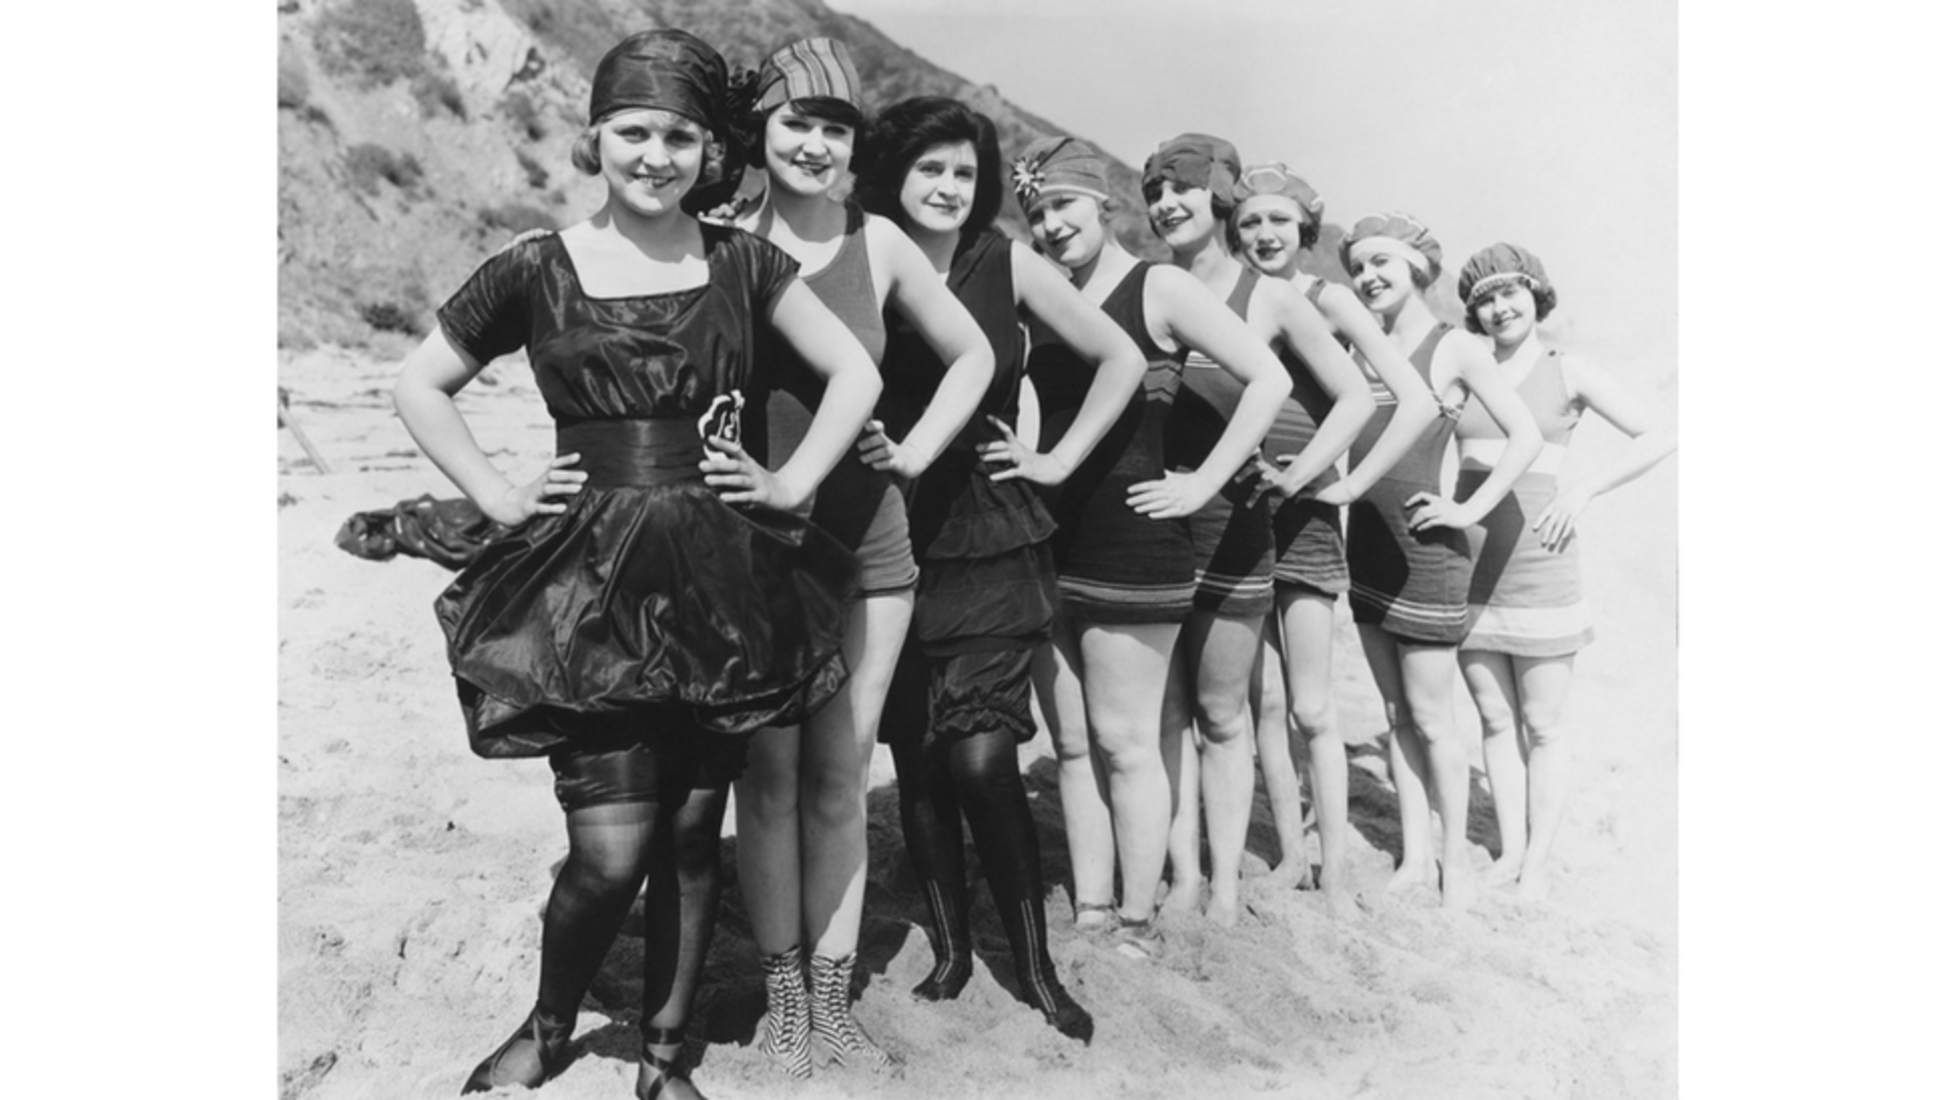 Vendita Costumi Da Bagno Vintage : Dalla cabina al bikini: i costumi nei secoli catawiki